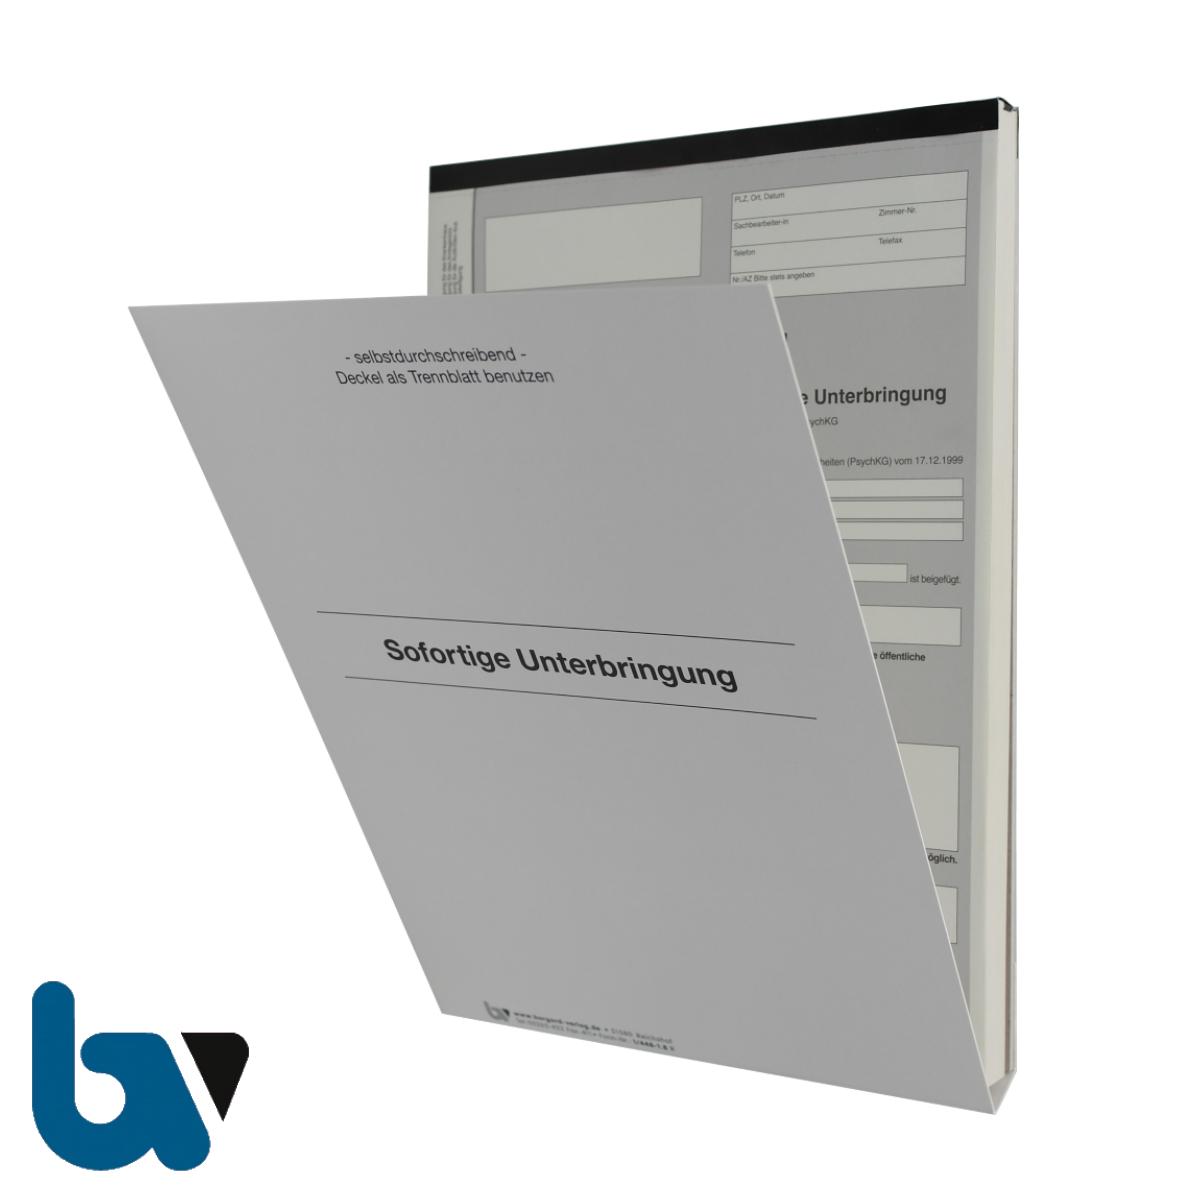 1/448-1.8 Sofortige Unterbringung Krankenhaus Paragraph 14 PsychKG NRW 4-fach selbstdurchschreibend DIN A4 Außen | Borgard Verlag GmbH